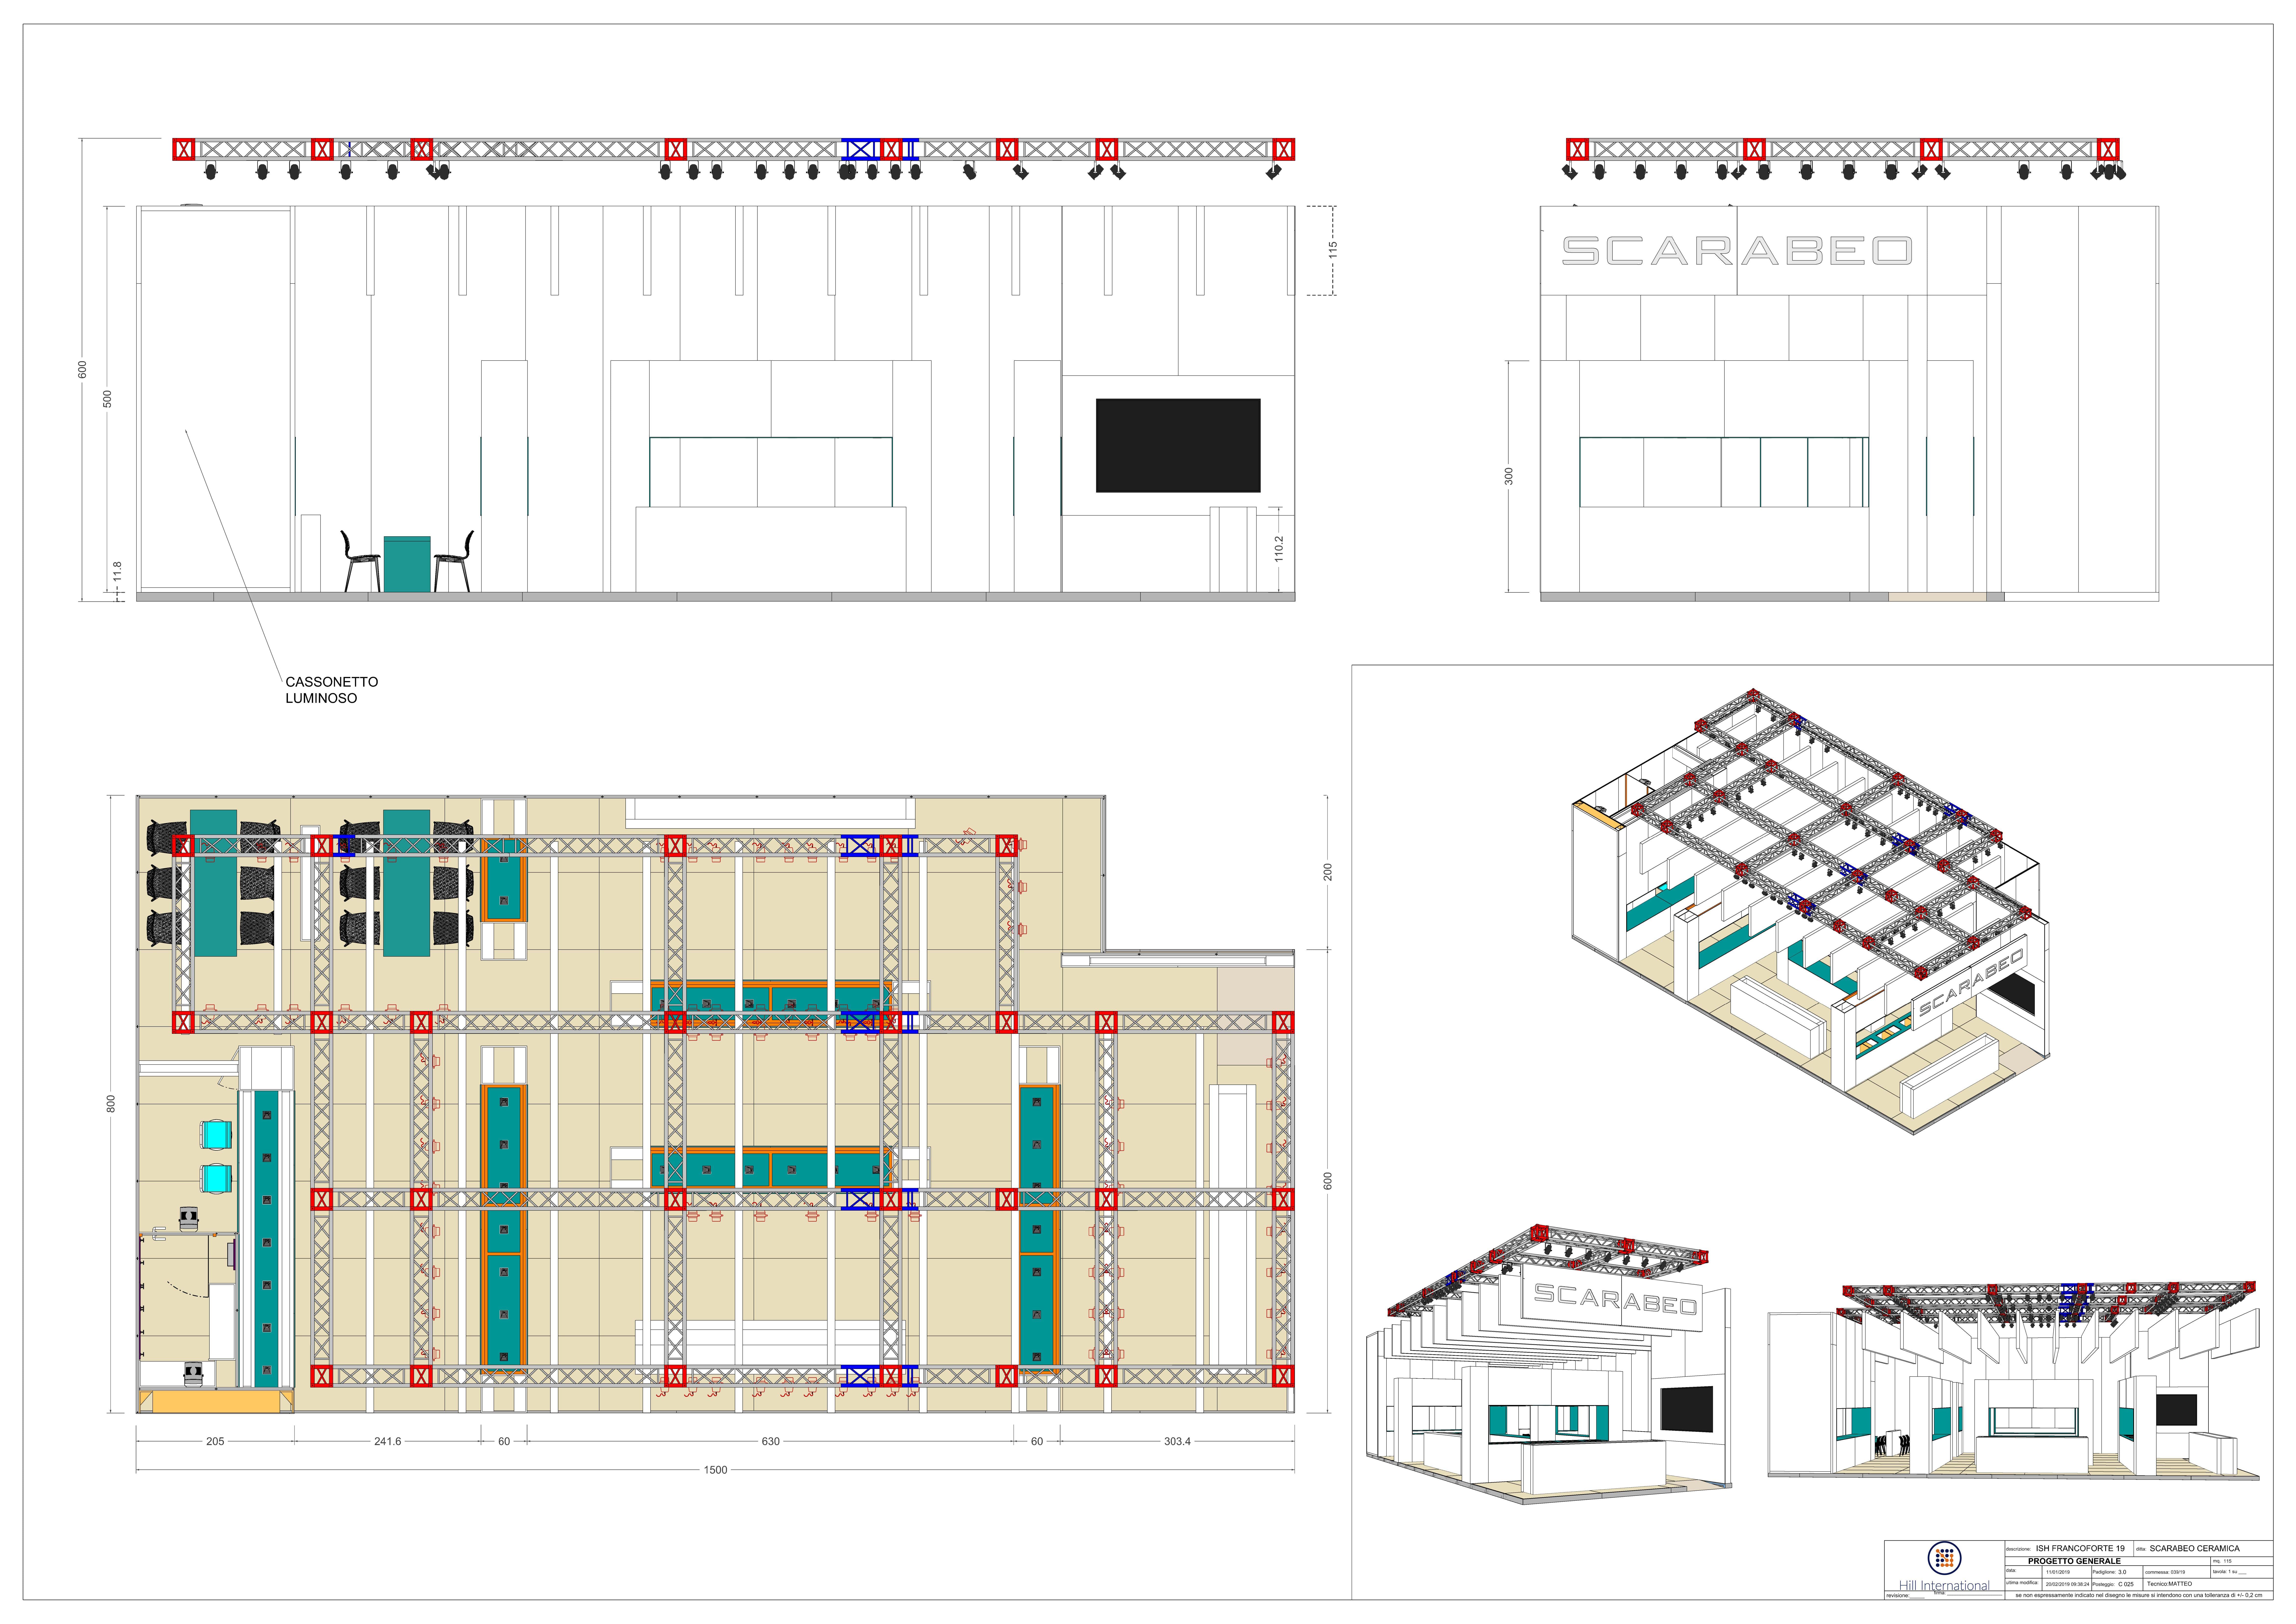 tavola progetto generale Scarabeo-1